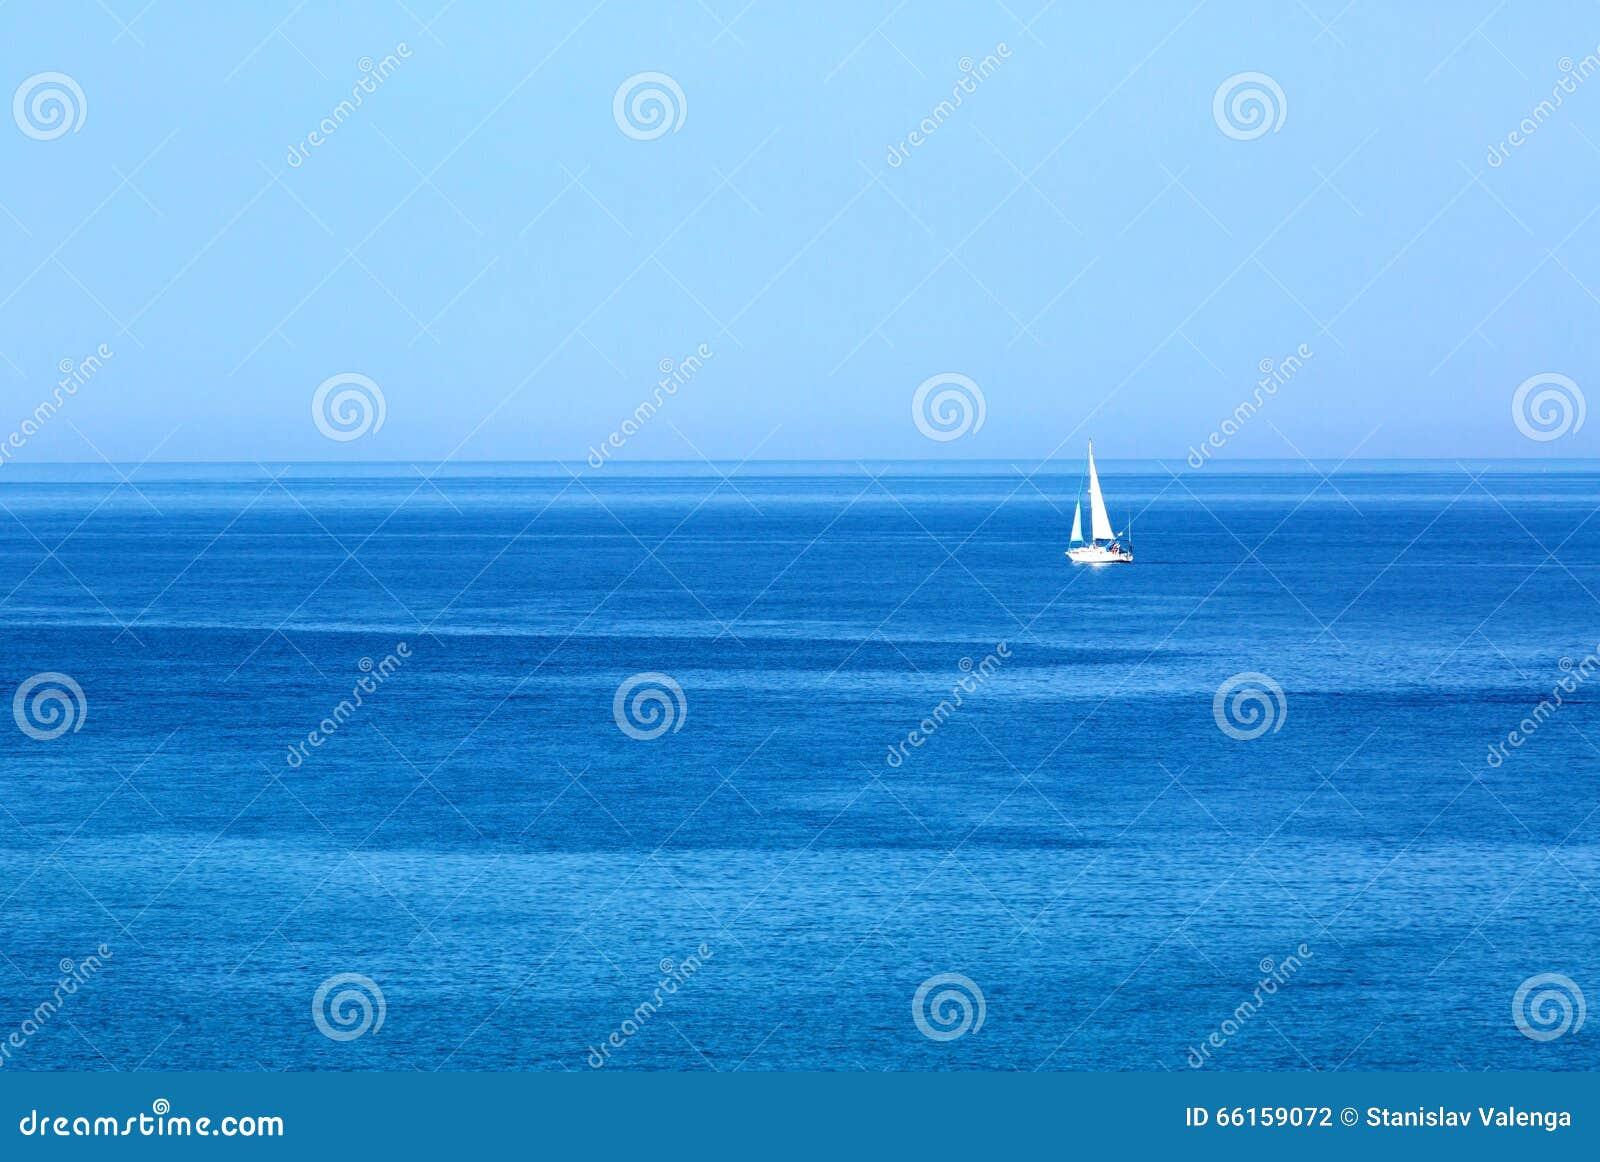 Sailing Envie o iate com as velas brancas no mar aberto Barcos luxuosos